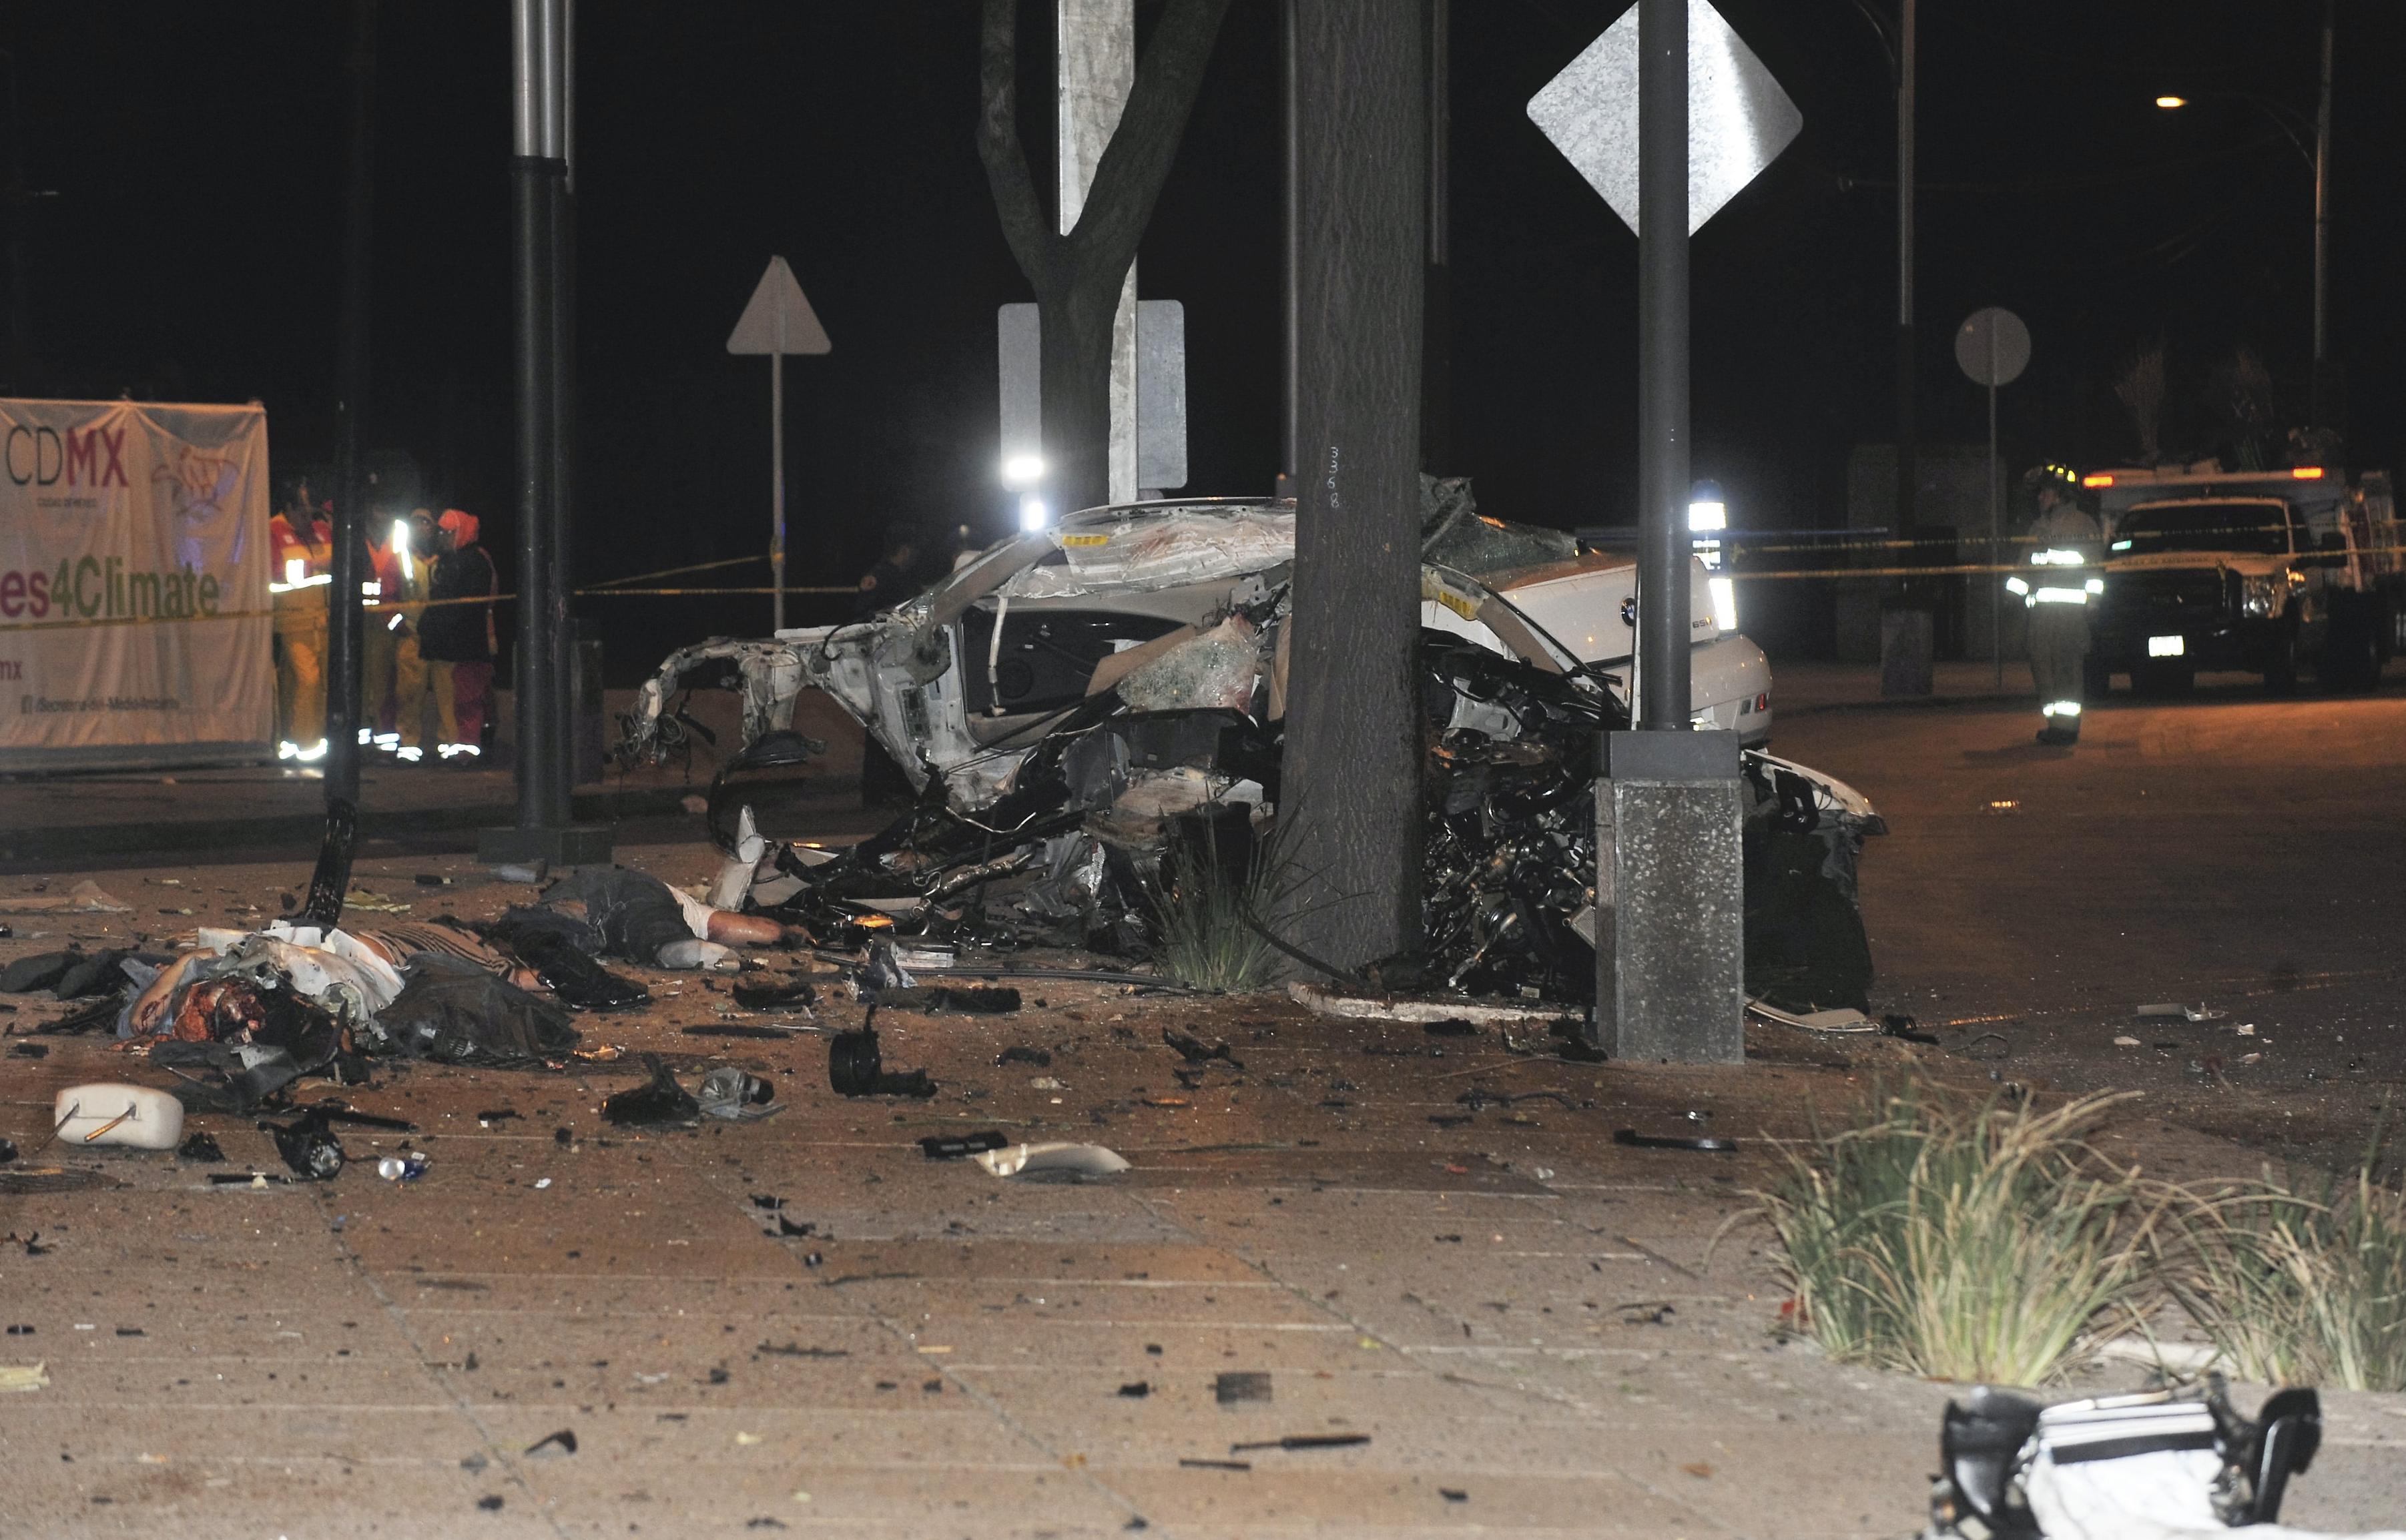 Cuatro personas fallecieron después de que se estrellaron con el vehiculo en el que viajaban a exceso de velocidad. FOTO: CUARTOSCURO